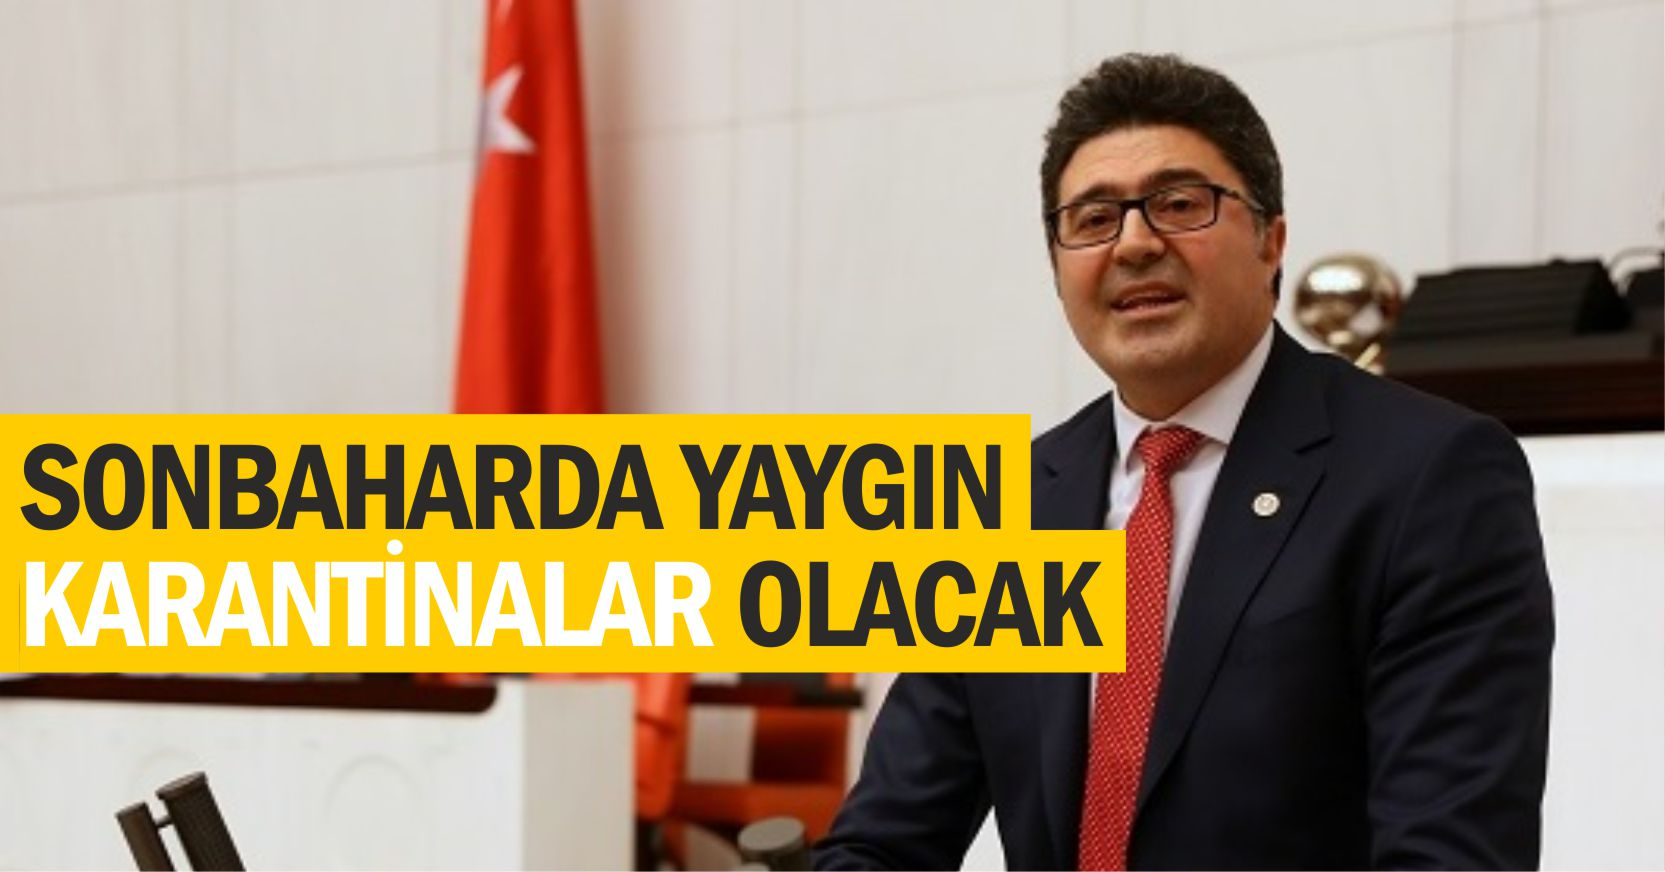 """""""GERİ DÖNÜŞÜ OLMAYAN YOLDAYIZ, ÇOK AĞIR BEDEL ÖDEYECEĞİZ"""""""